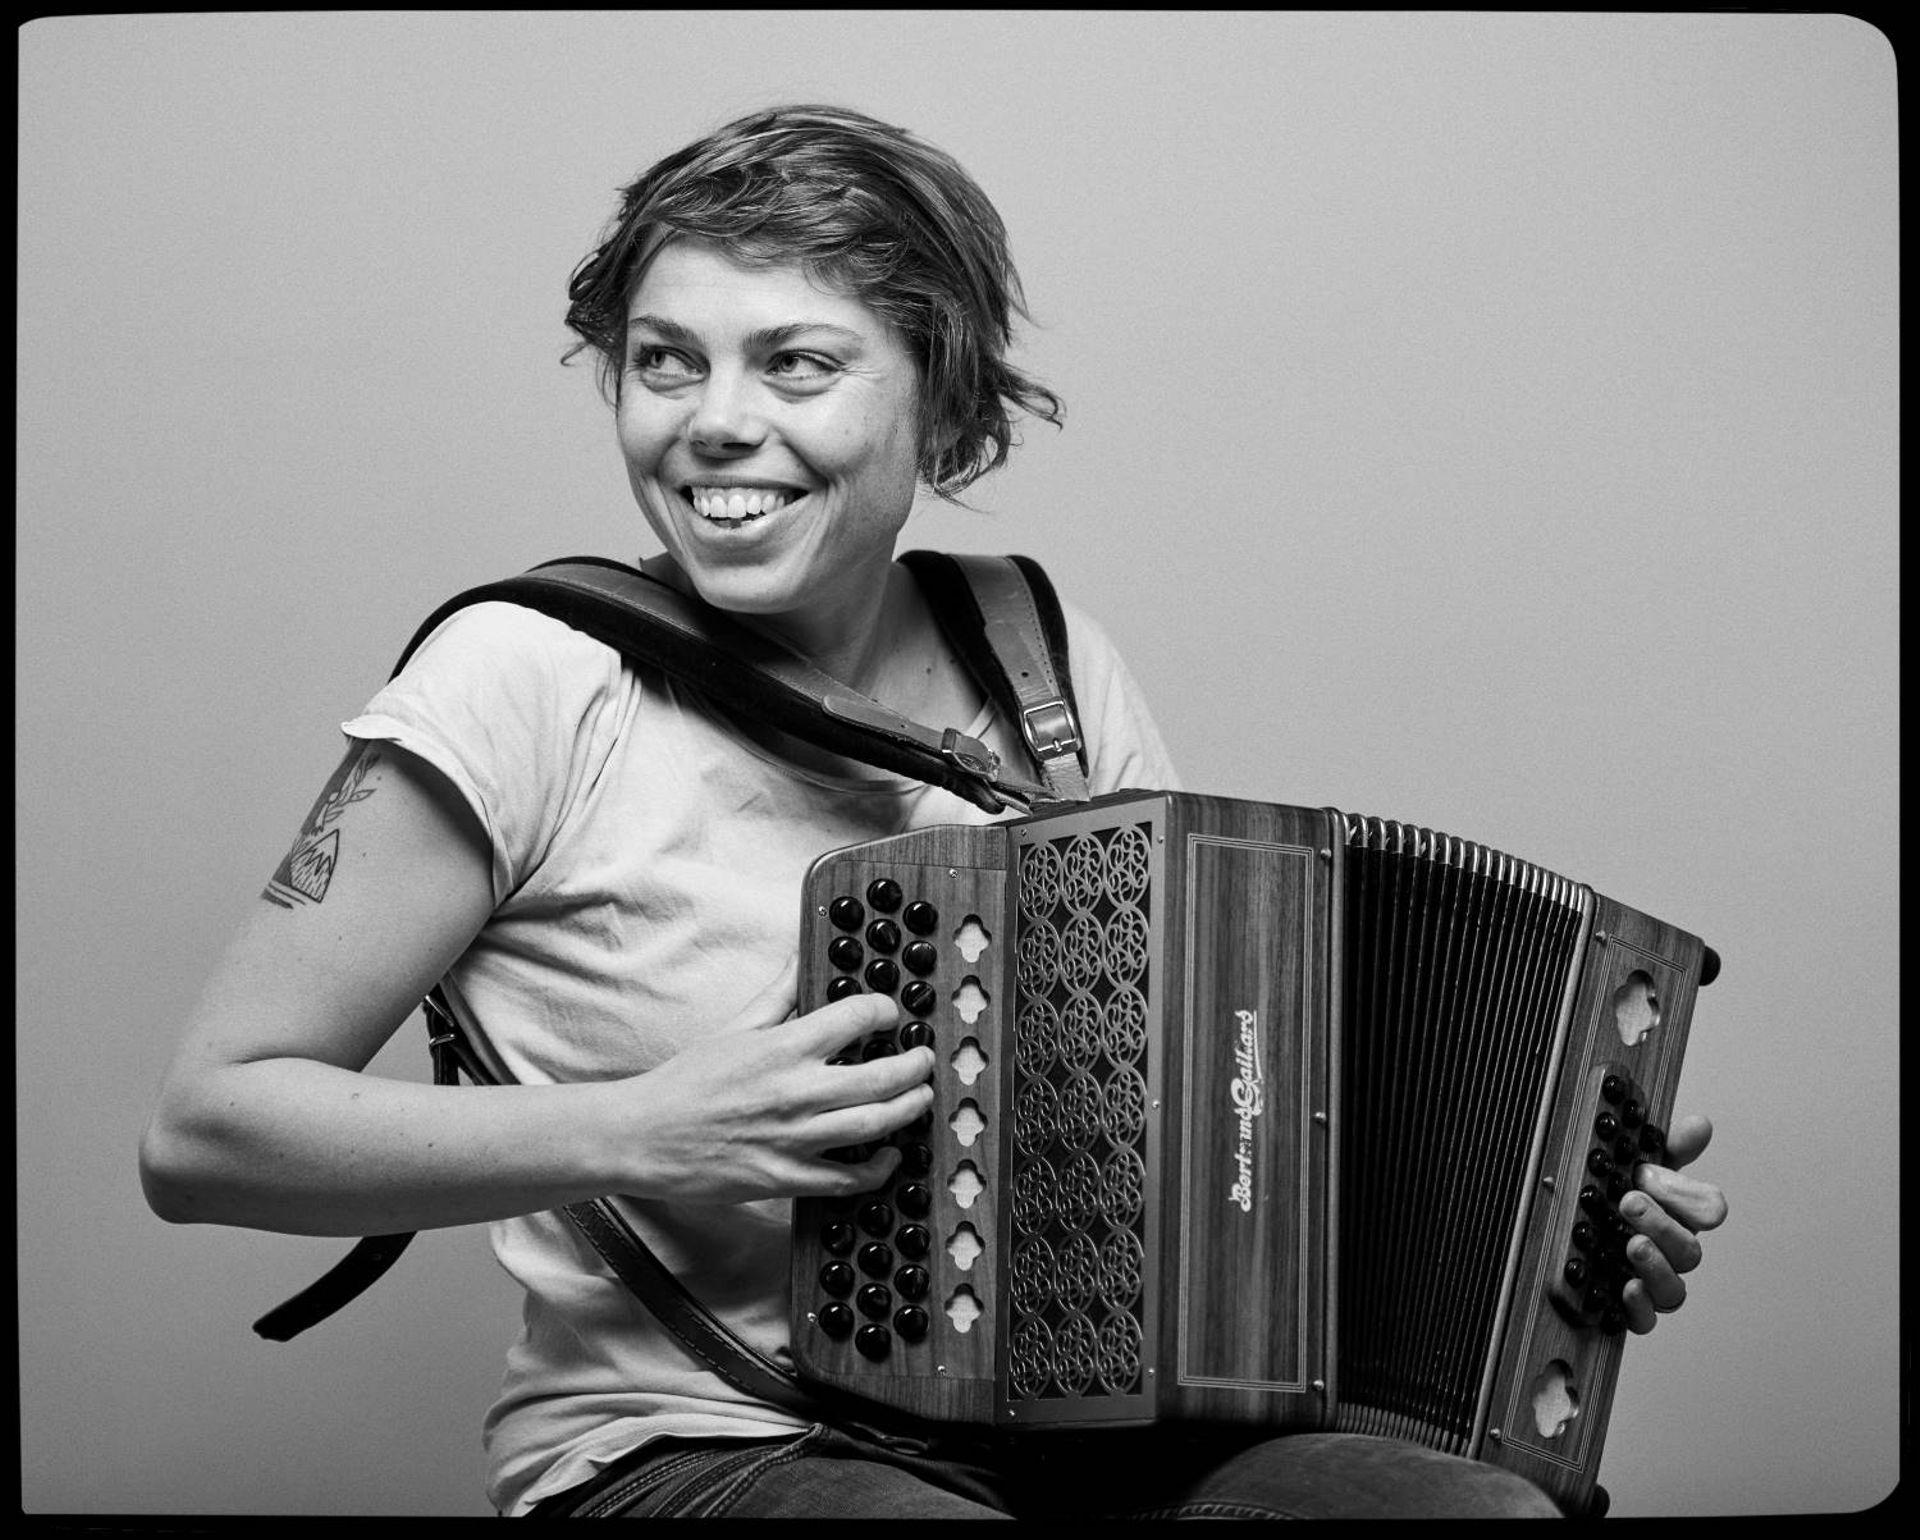 Rencontre avec les artistes musiciens belges dans Murmures du monde